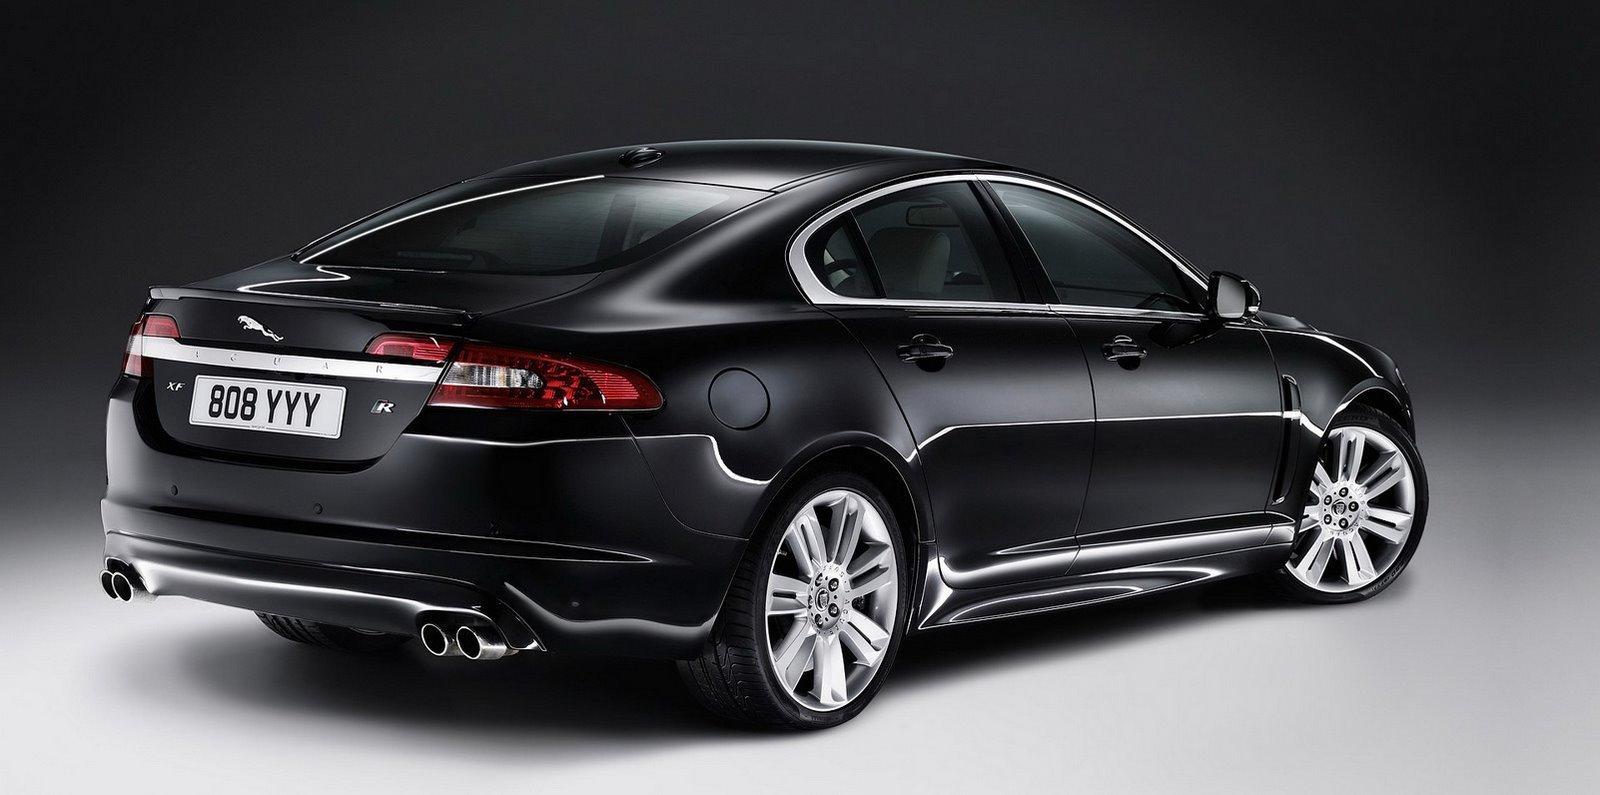 Jaguar XFR Resimleri Resmi Foto Pictures Wallpaper Download Wallpaper